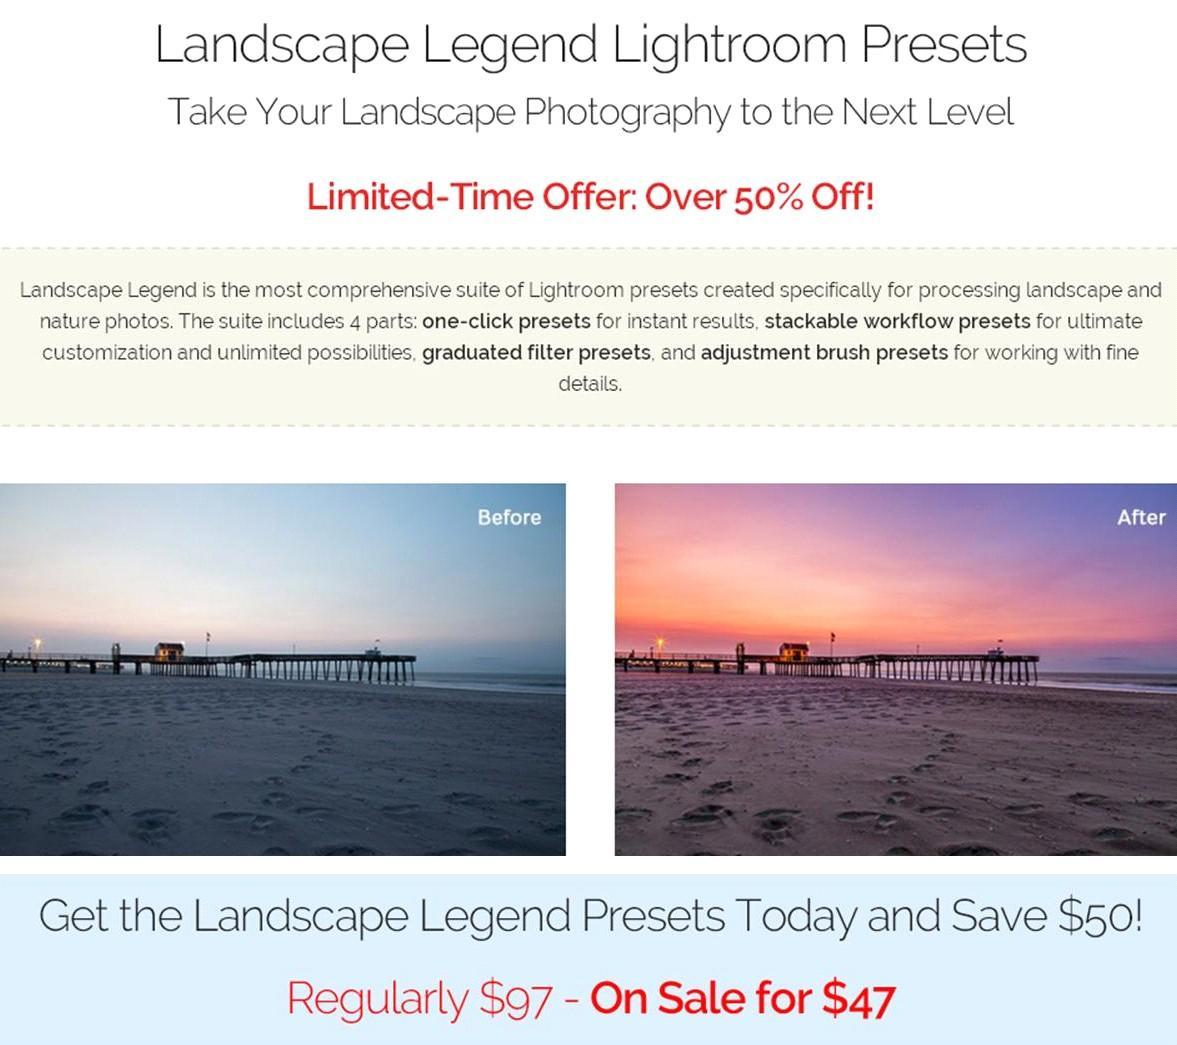 landscape-legend-lightroom-presets-for-awesome-nature-photography2